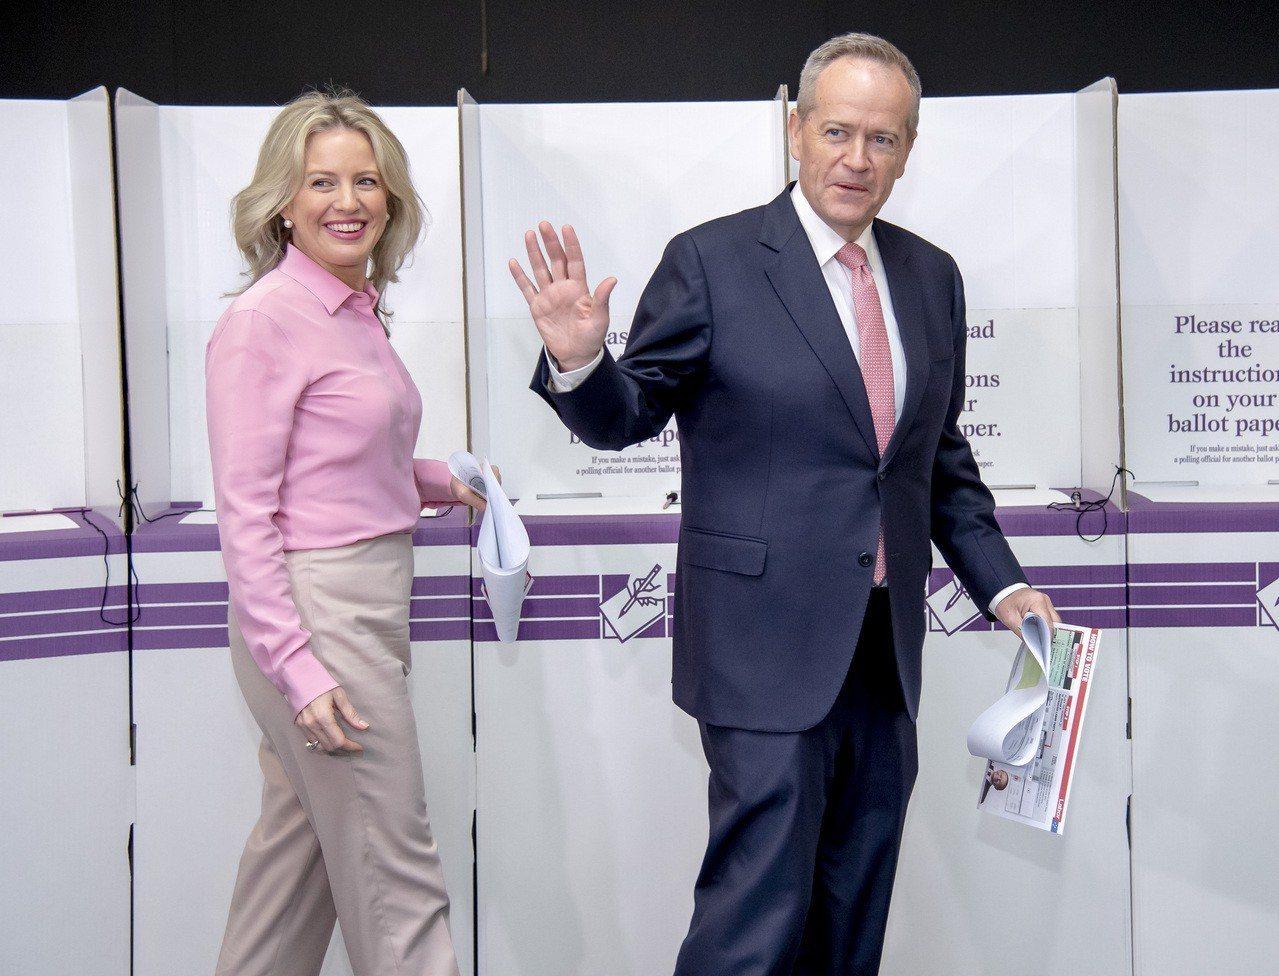 澳洲工黨黨魁薛頓(右)與妻子克勞伊18日在墨爾本投票所投票。美聯社